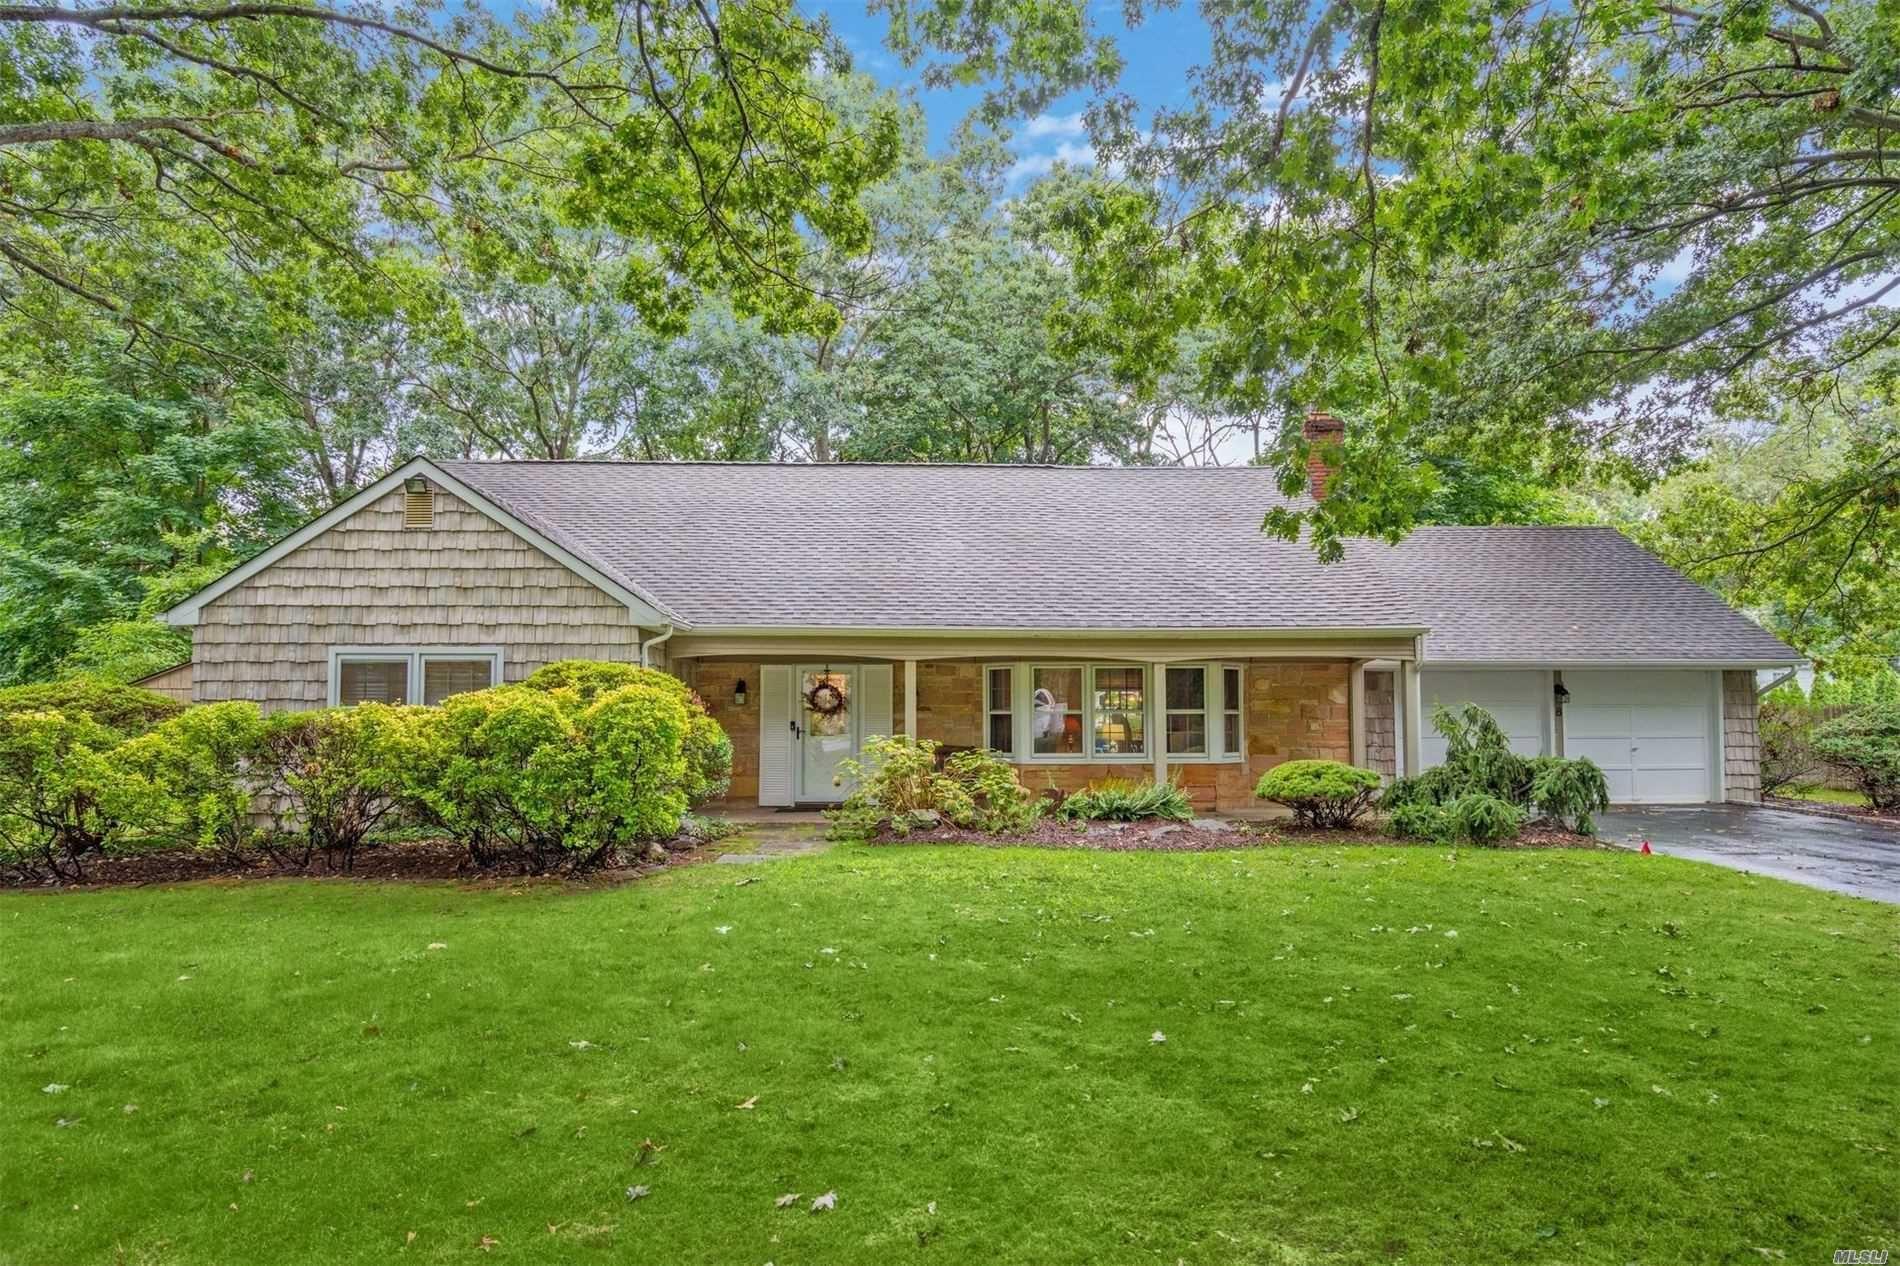 8 Sandstone Lane, Stony Brook, NY 11790 - MLS#: 3244973